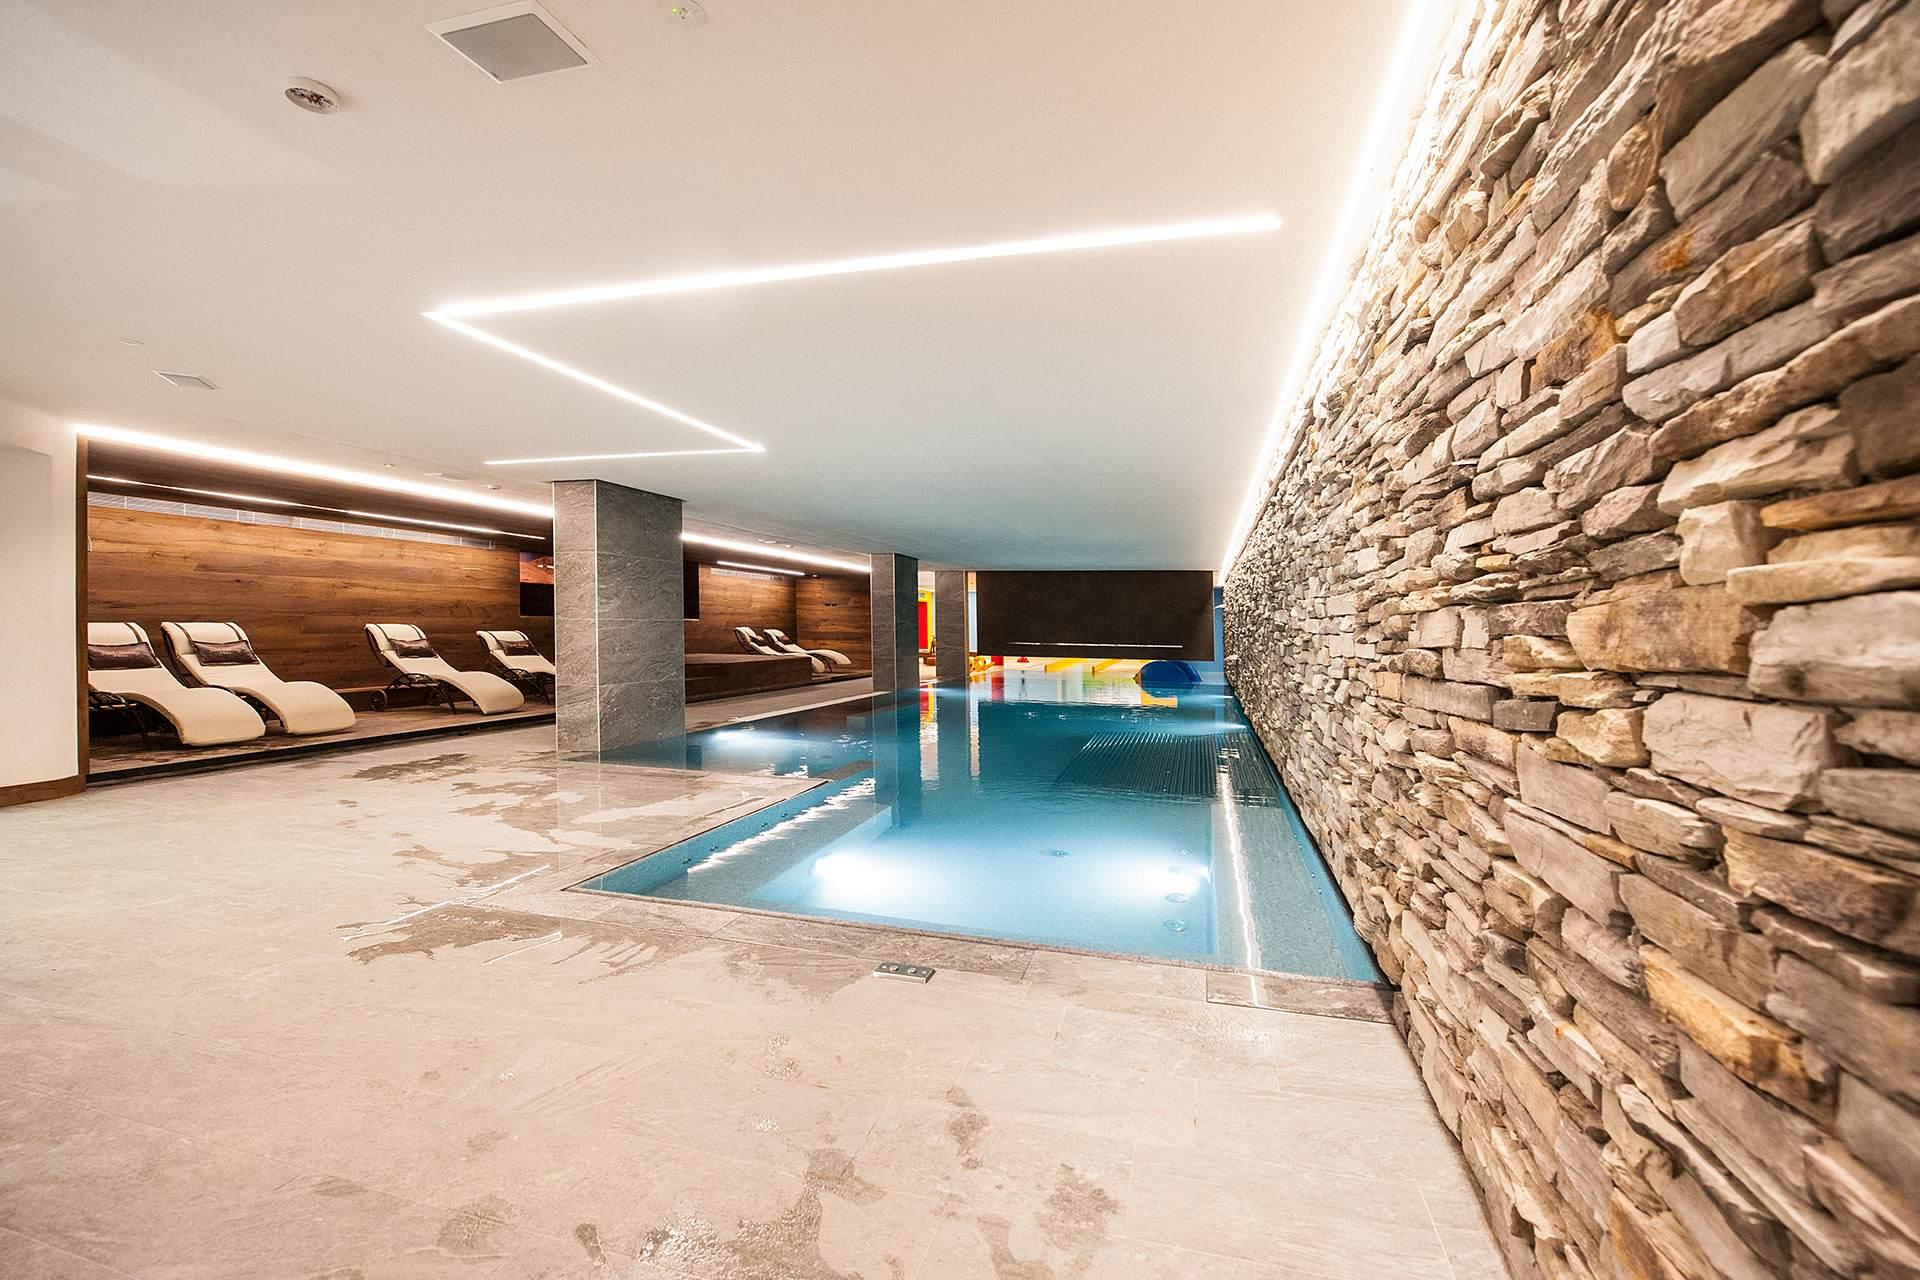 Servizi hotel touring livigno - Livigno hotel con piscina ...